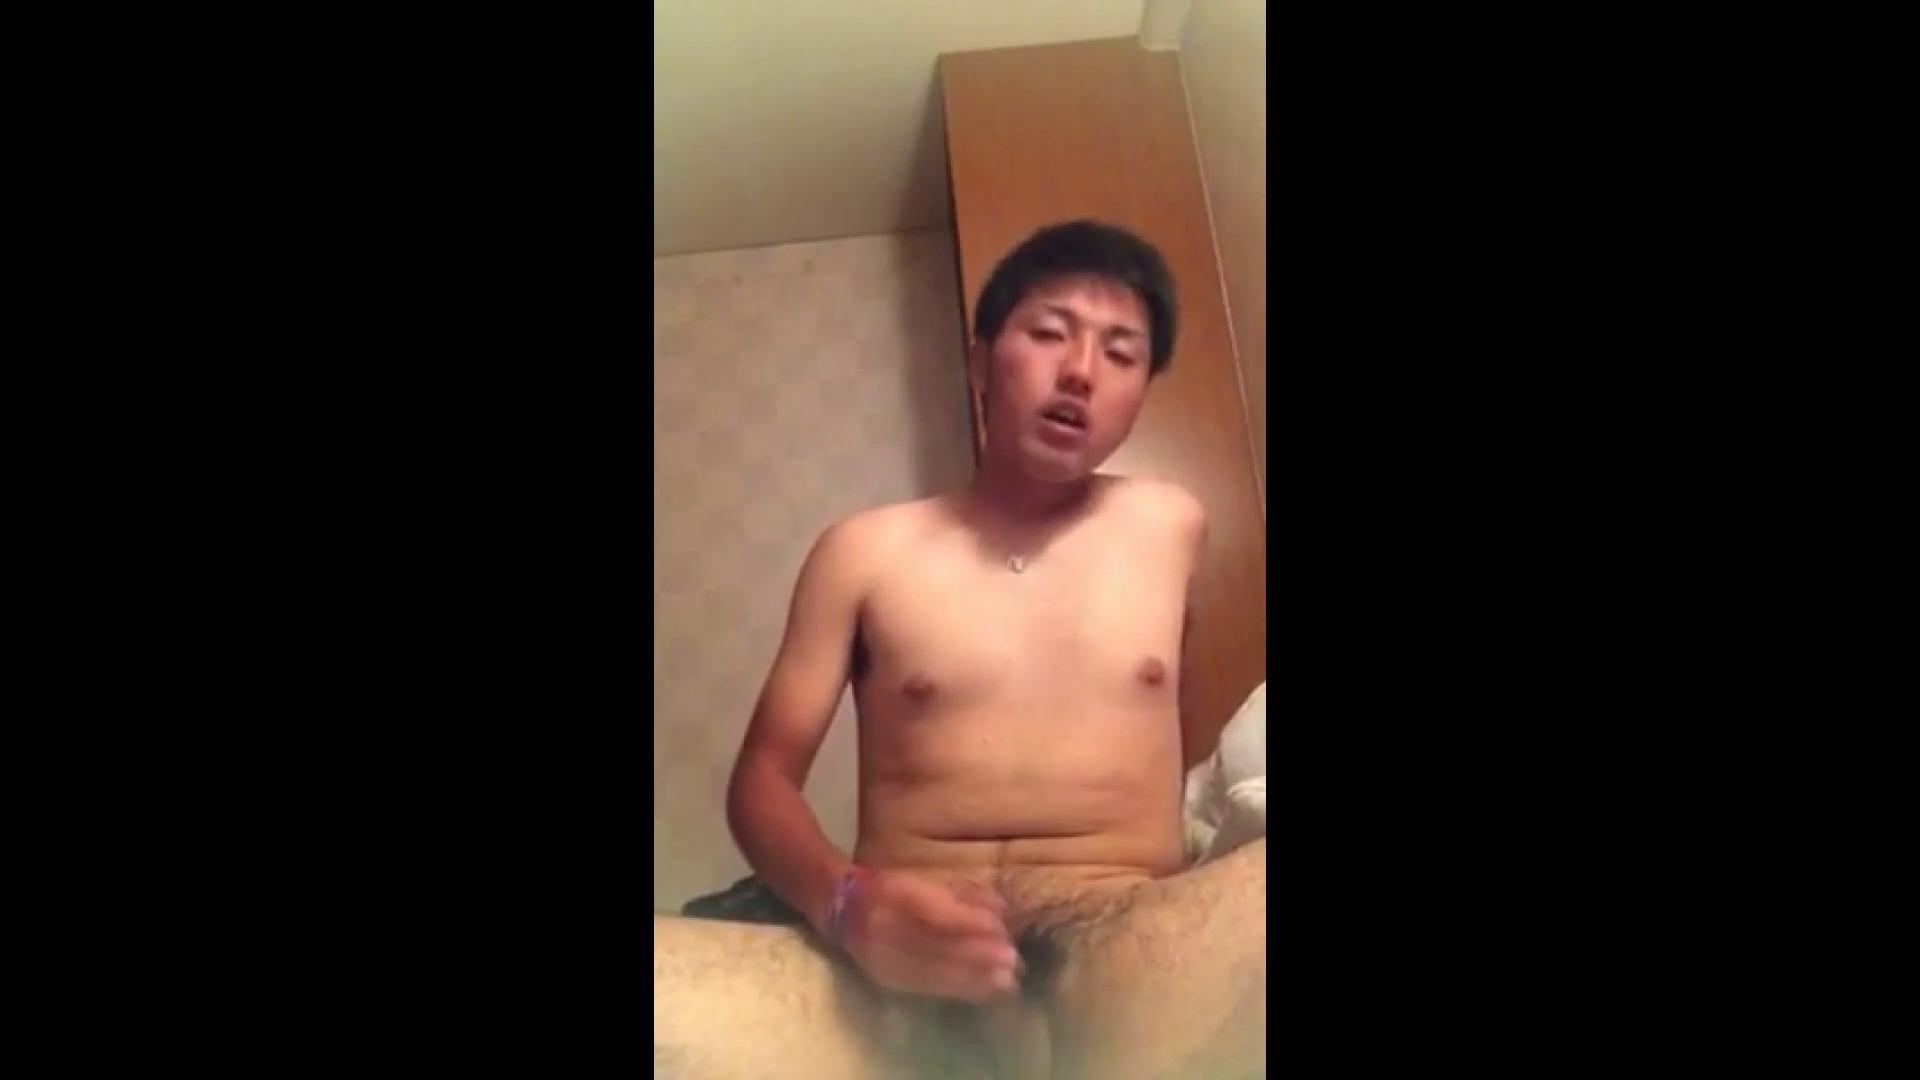 キター!ノンケちゃんオナニー特集vol.29 モ無し | 手技 エロビデオ紹介 7連発 1